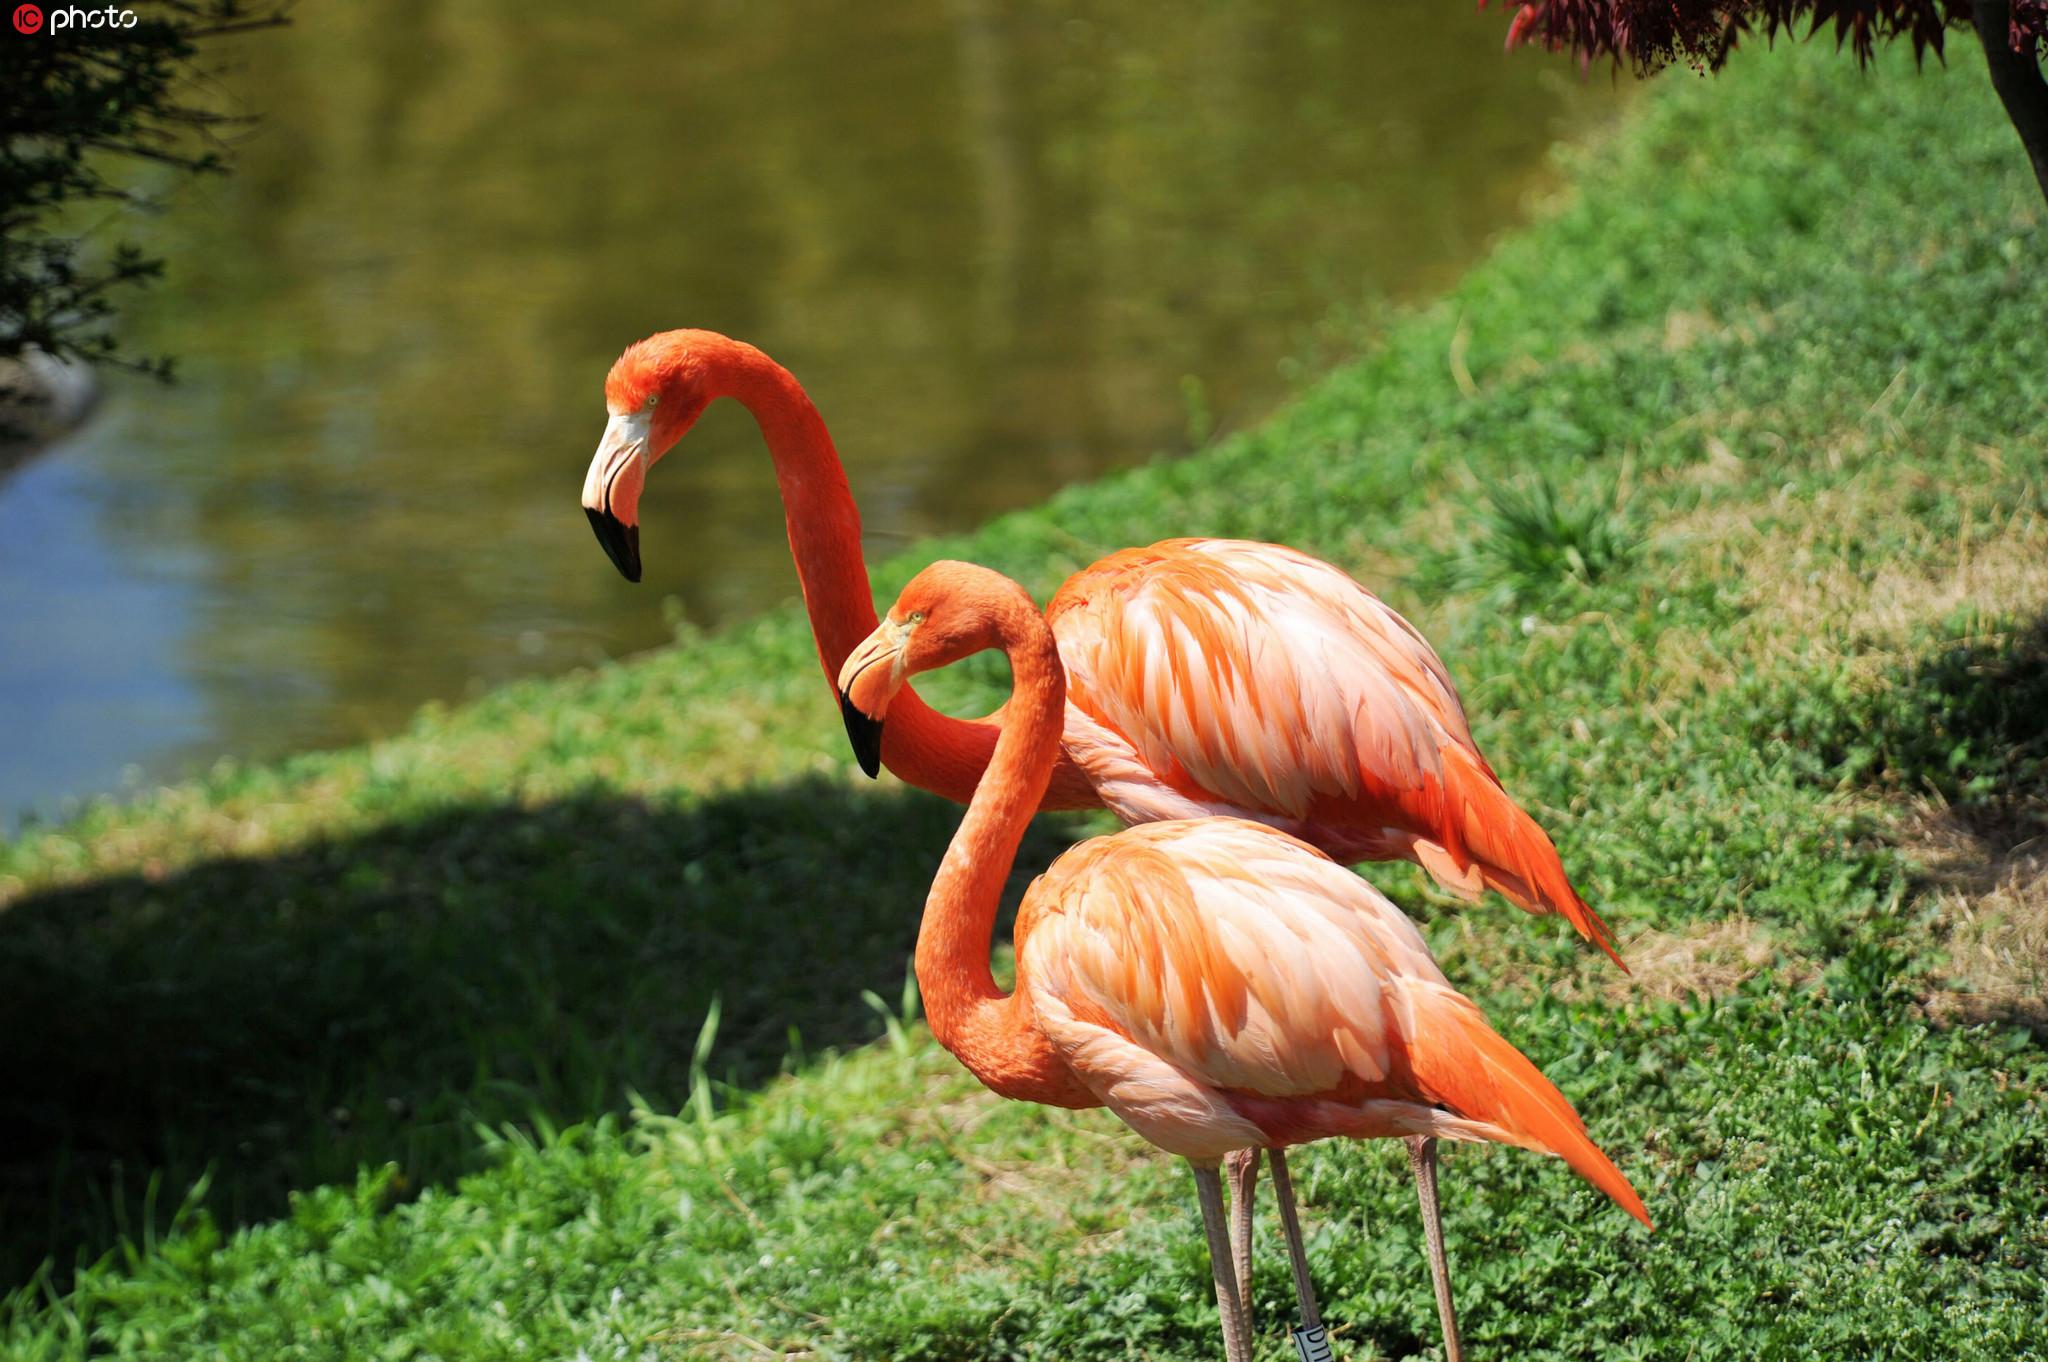 山东青岛全国爱鸟周春光中的火烈鸟